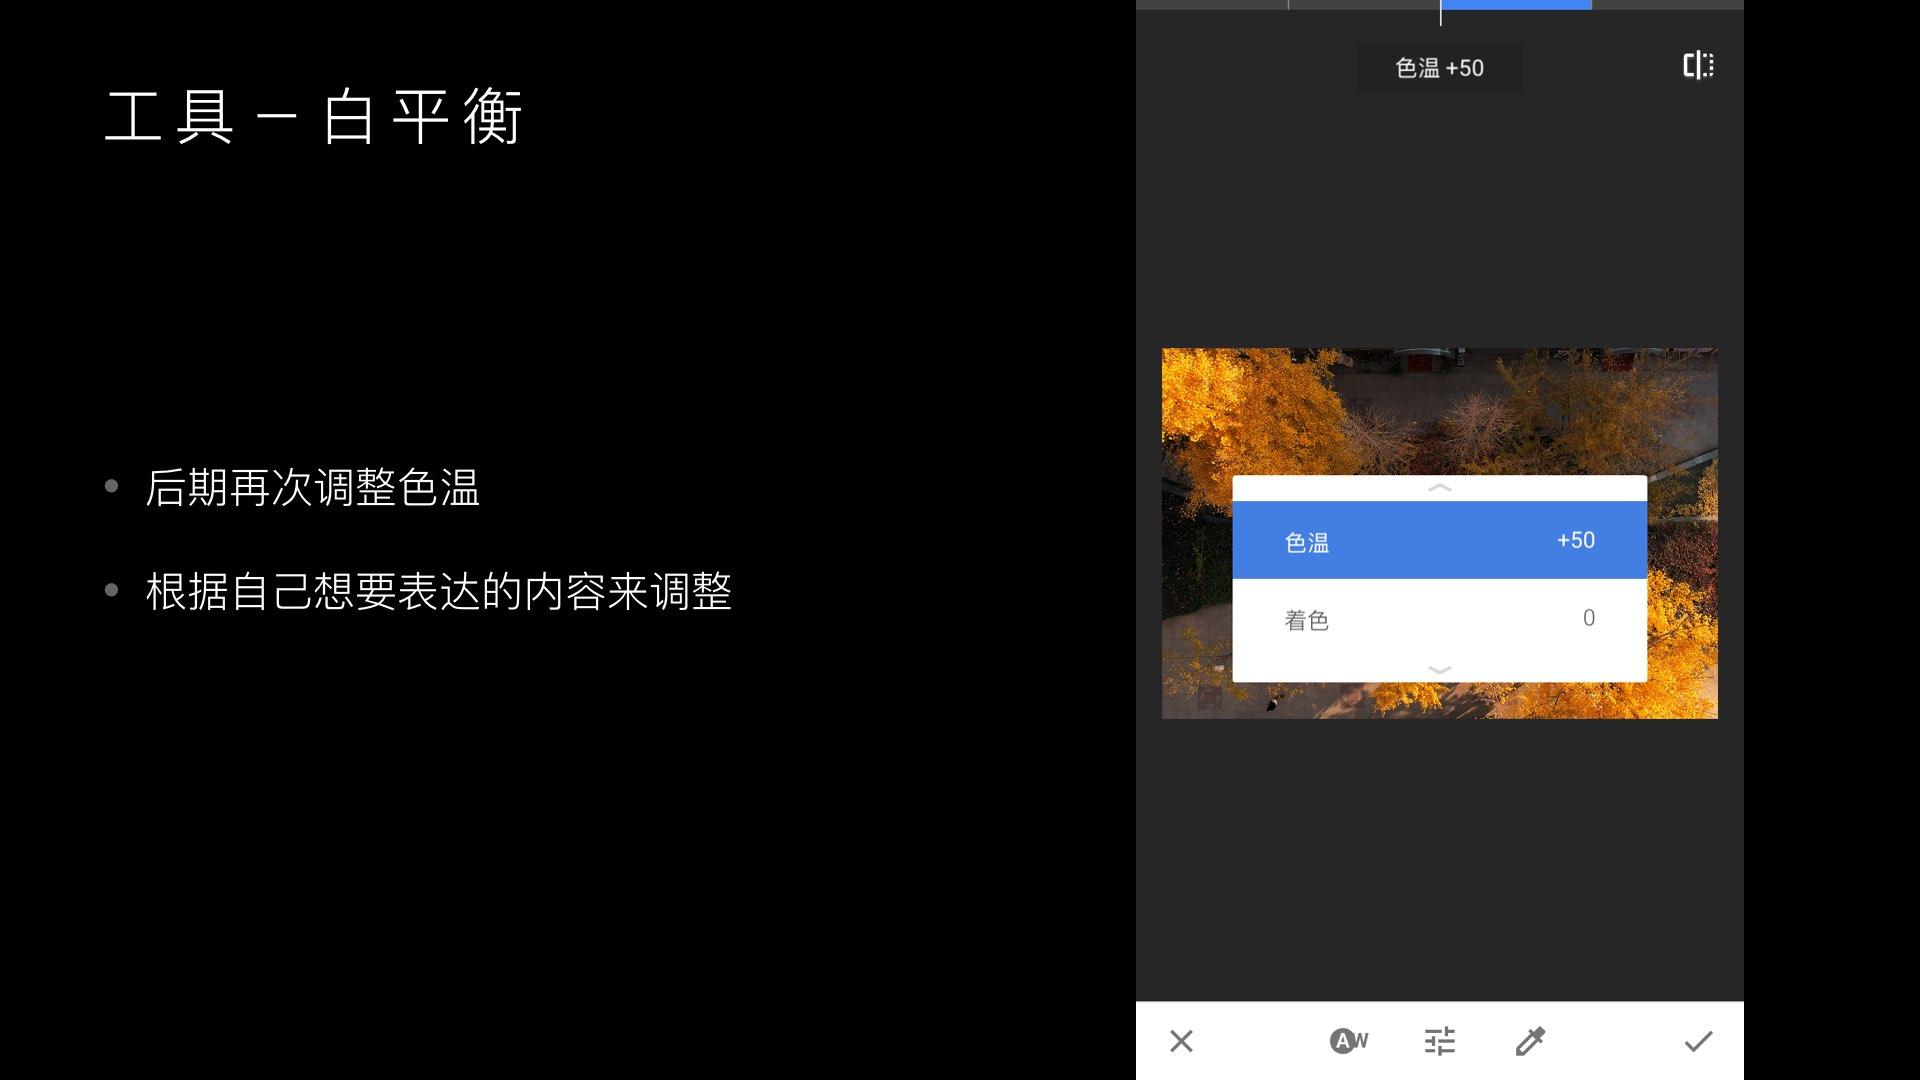 化腐朽为神奇,Snapseed图片编辑教程.013.jpeg